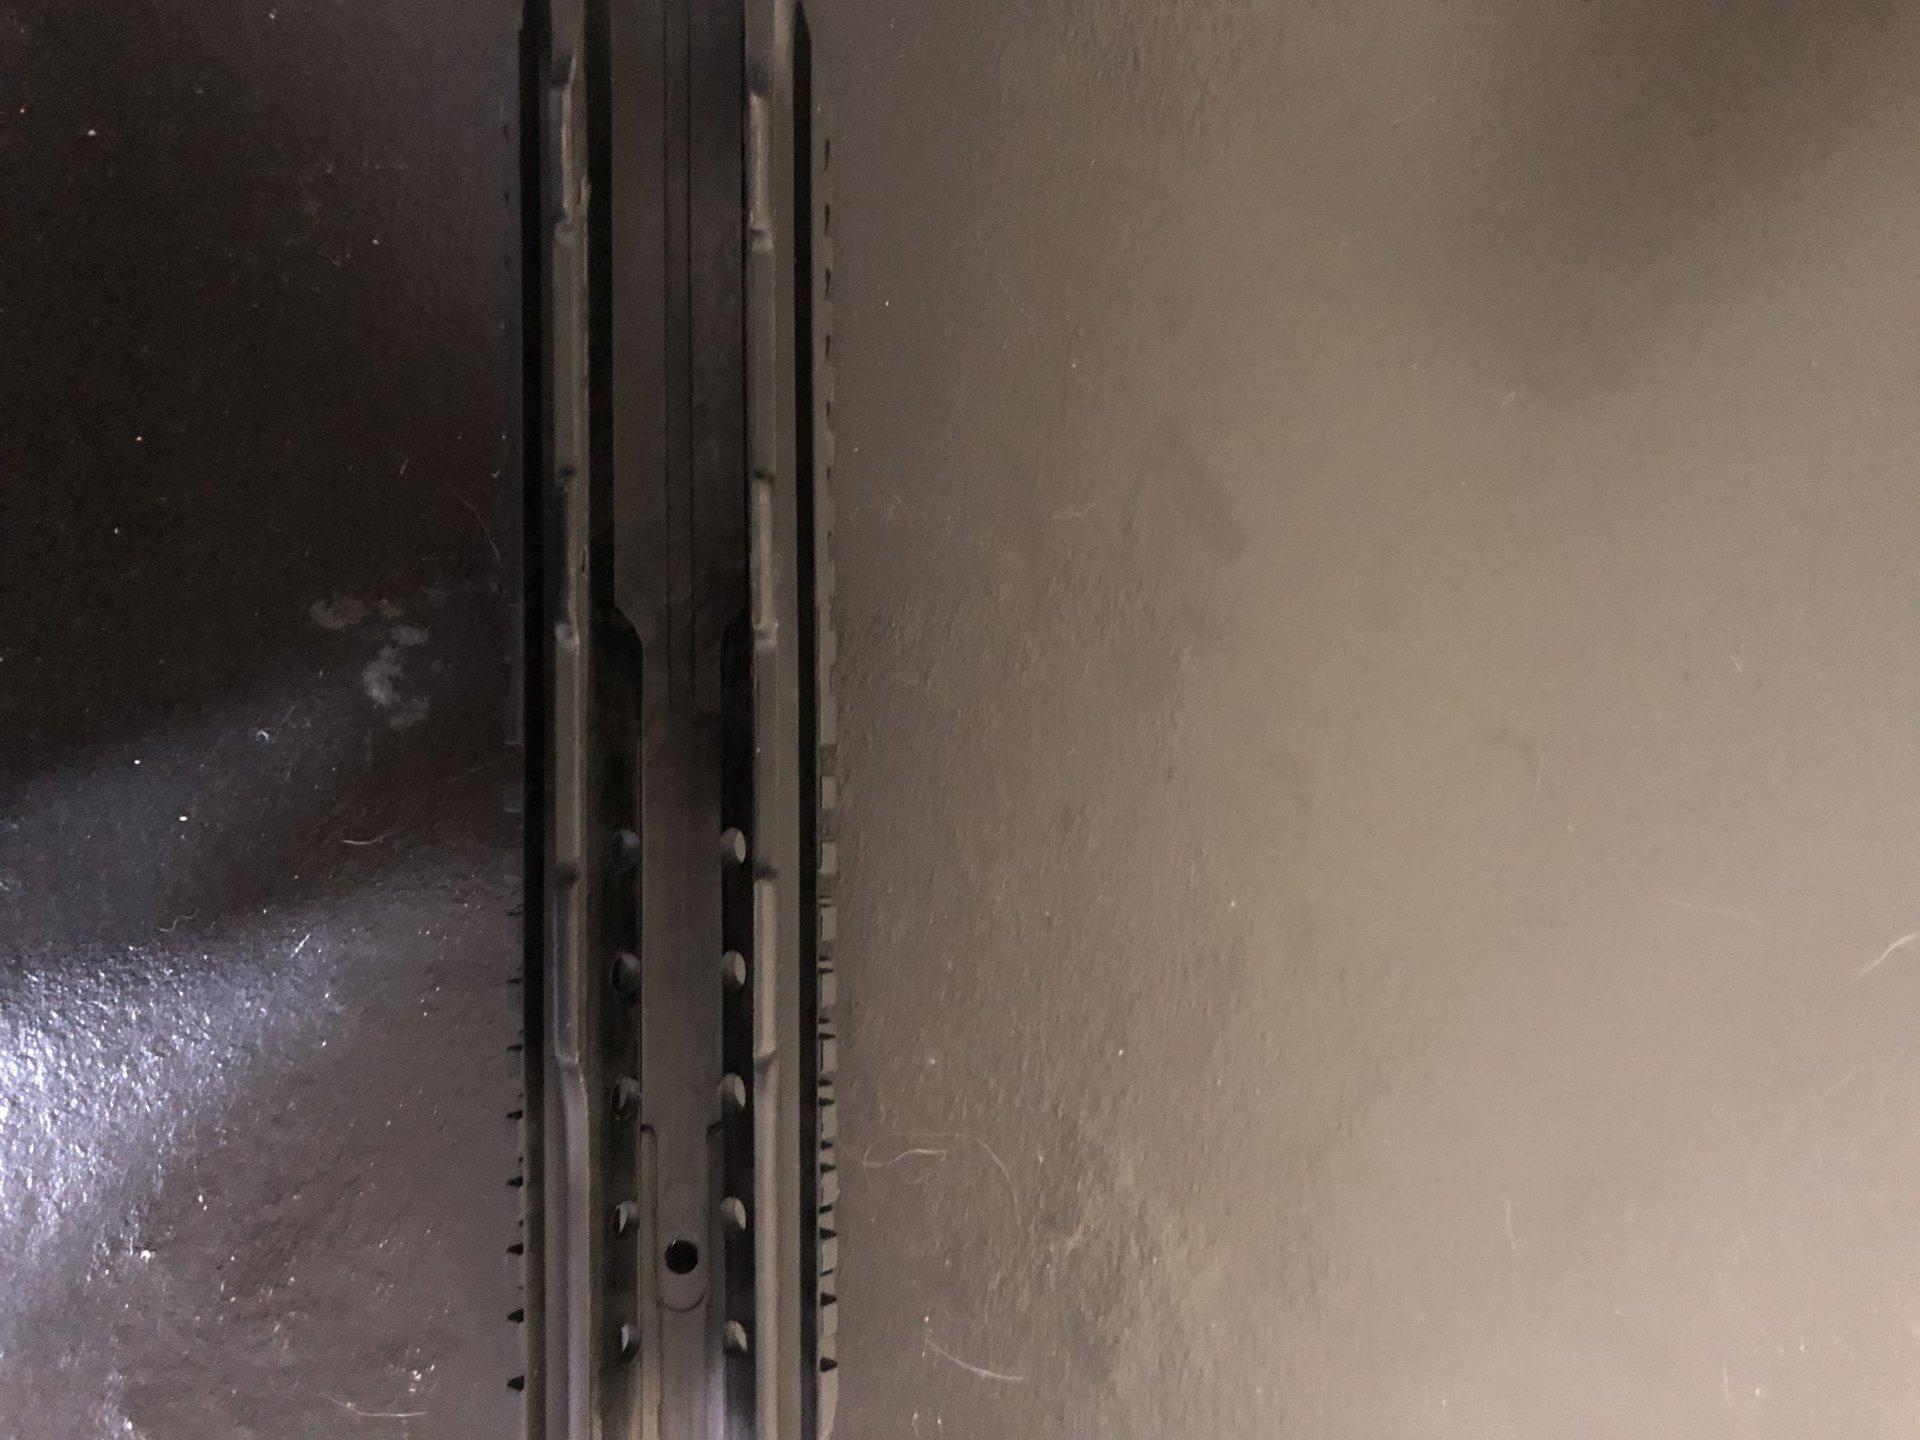 E962F688-E165-466C-B3A0-DEF8D0A6115F.jpeg